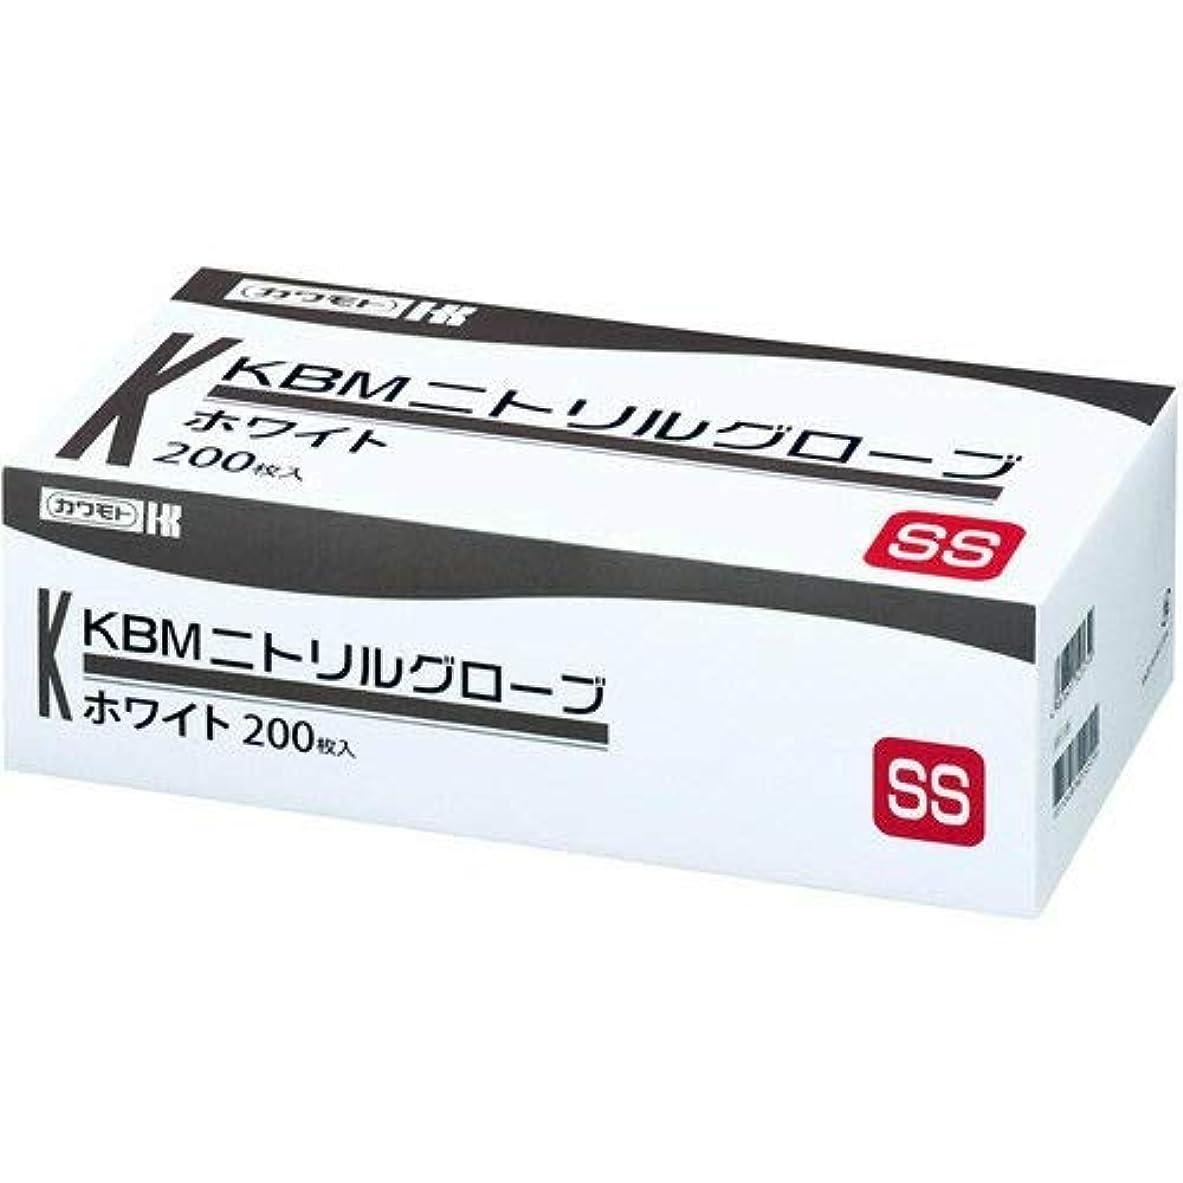 バラバラにする区別研磨川本産業 カワモト ニトリルグローブ ホワイト SS 200枚入